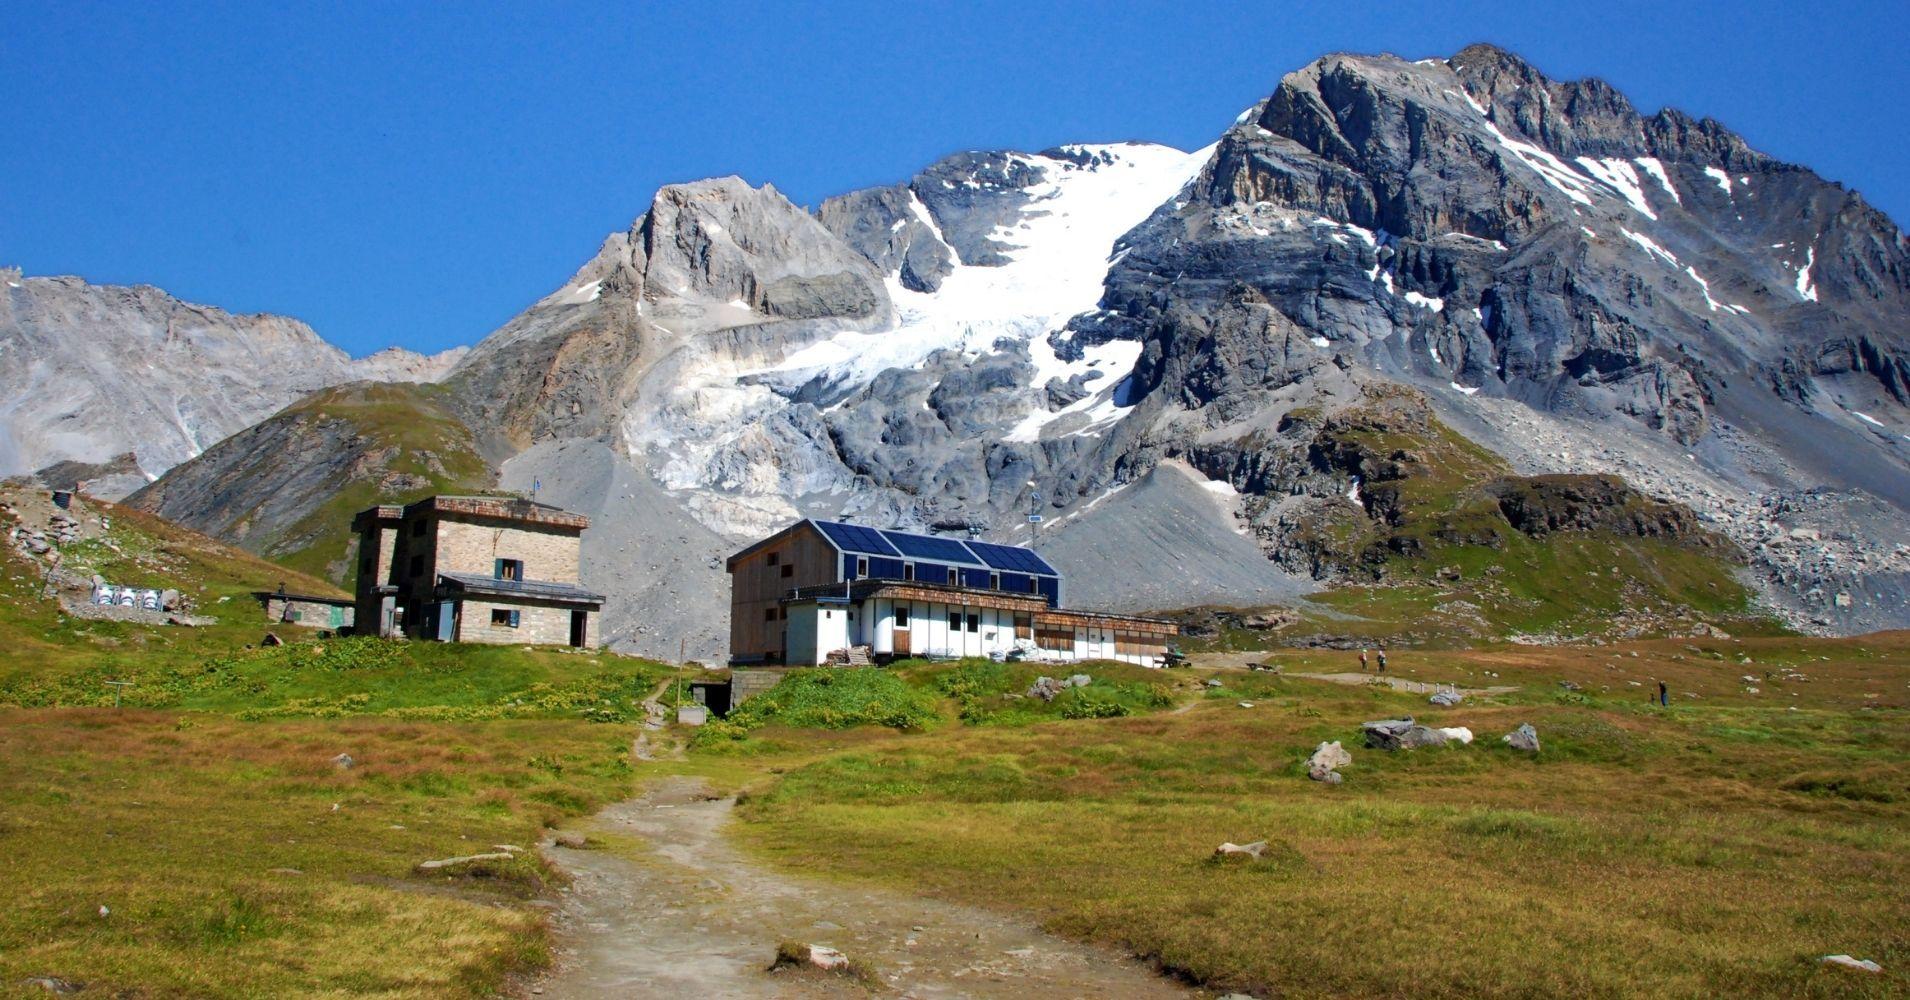 Refugio Col de la Vanoise. Parque Nacional de la Vanoise. Saboya, Auvernia-Ródano-Alpes. Francia.